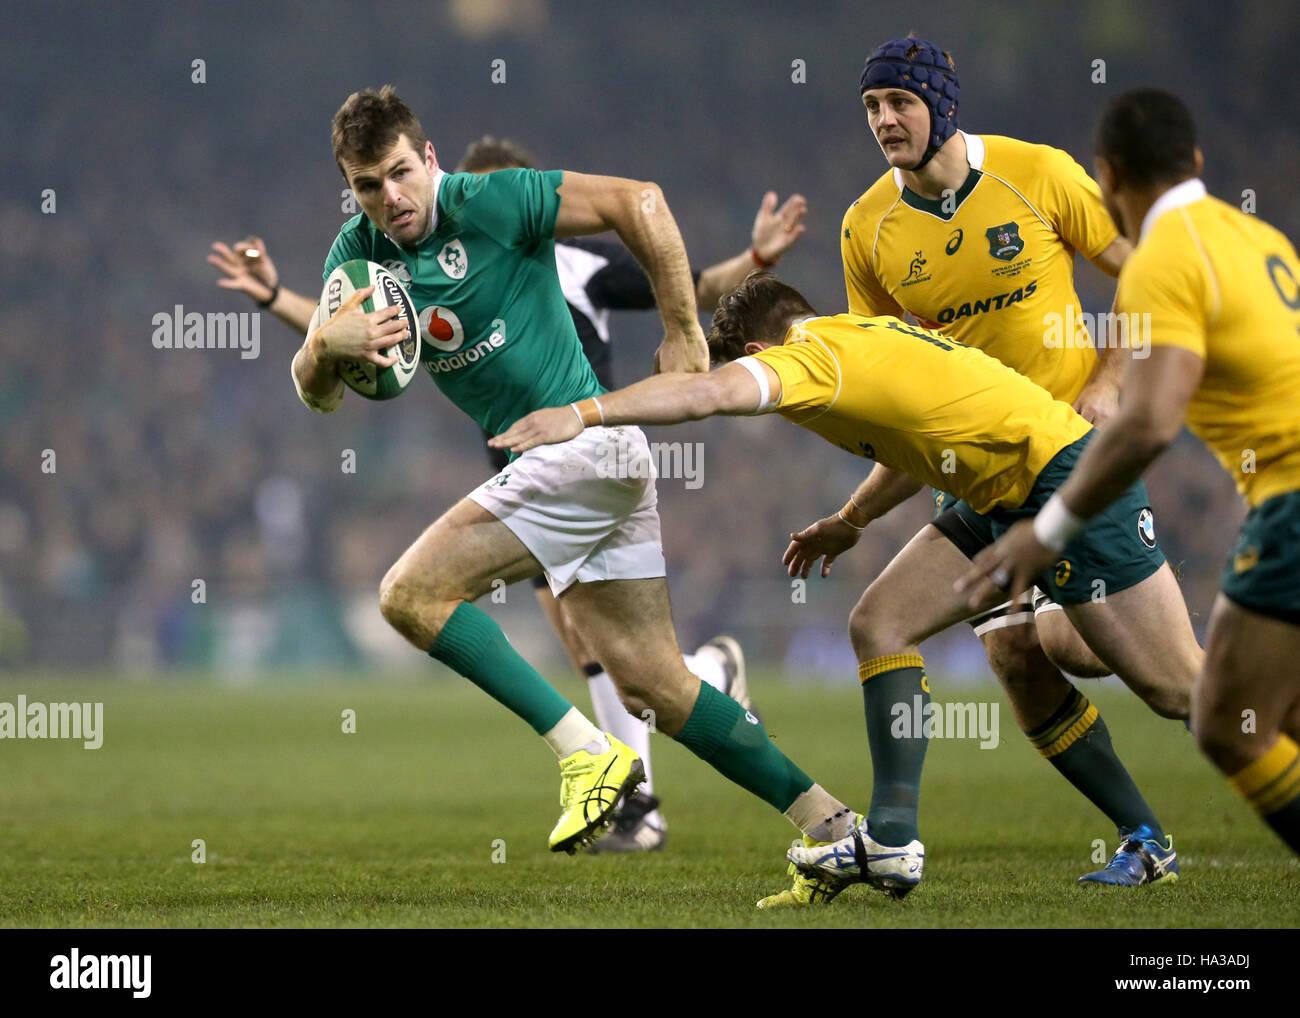 Ireland's Jared Payne est abordé par l'Australie Bernard Foley (à droite) au cours de l'Aviva Photo Stock